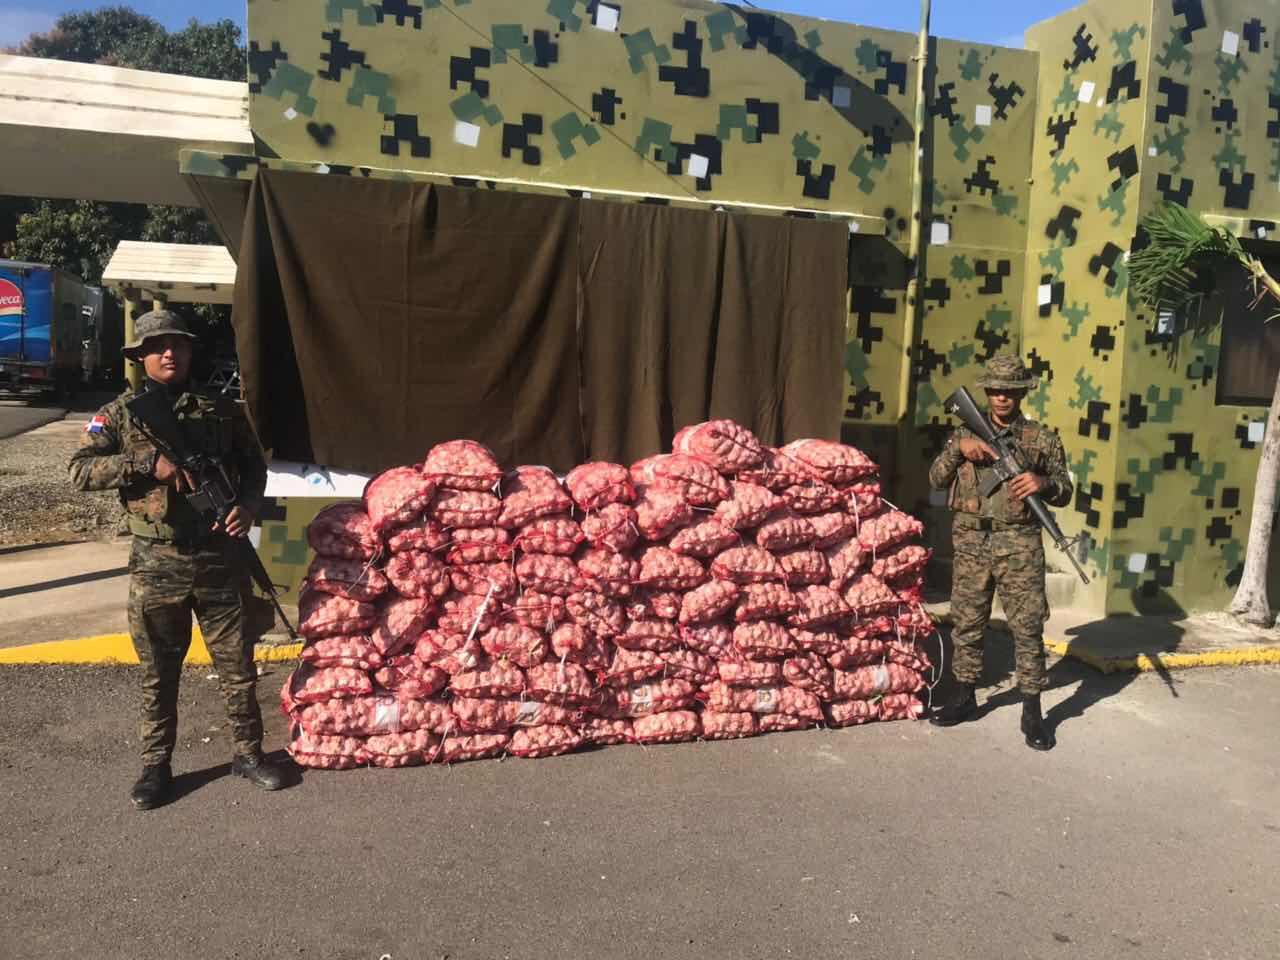 Otro golpe al tráfico ilegal: Miembros de la 4ta Brigada del Ejército incautan 83 sacos de ajo en Villa Vázquez.